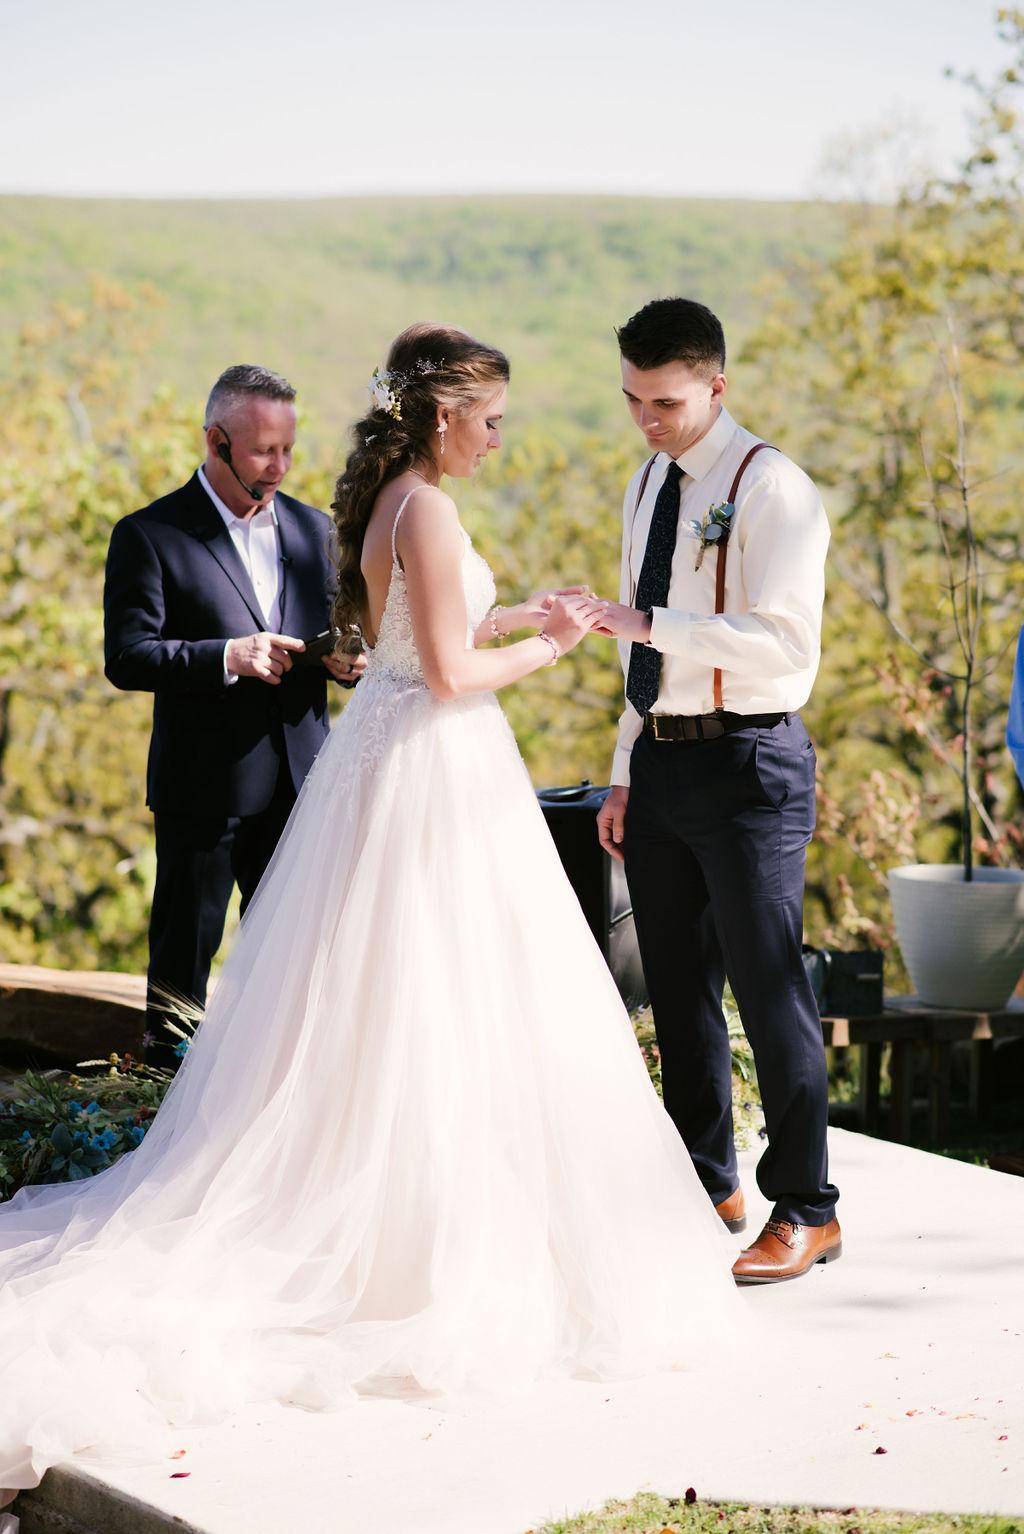 Tulsa Best Outdoor Wedding Venue 26.jpg